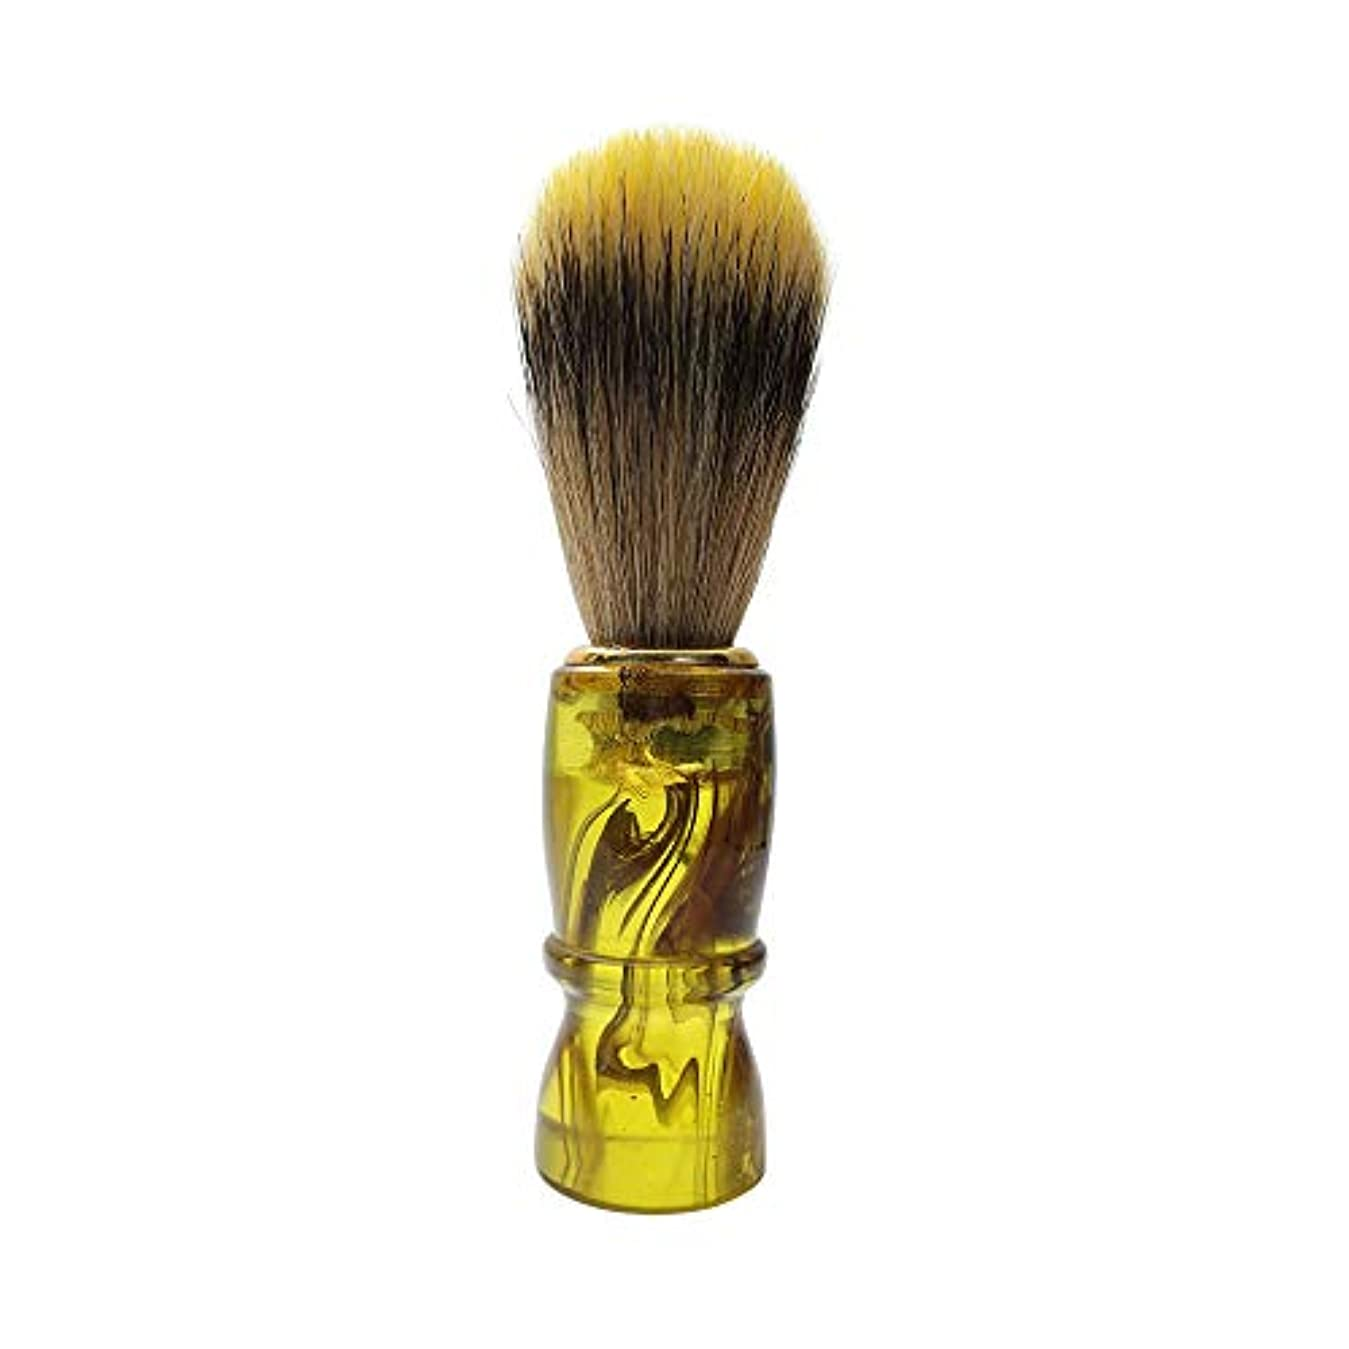 消防士虫習慣SRS三信 ヒゲブラシ タイプA 髭剃り シェービング用ブラシ 狸毛